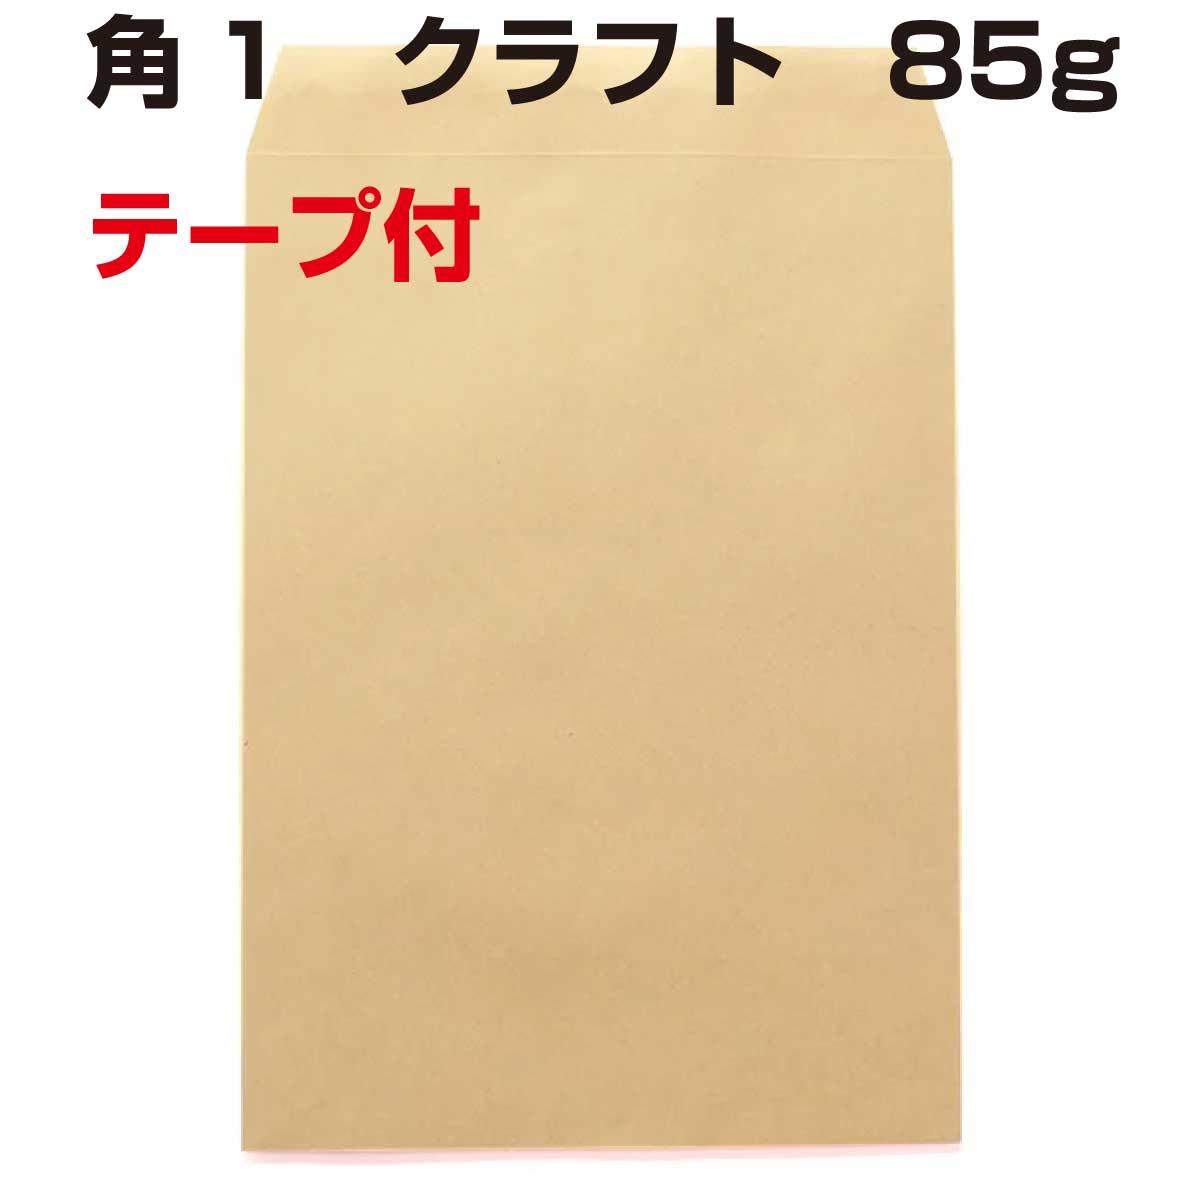 角1封筒 B4(364×257)が入ります。 封筒 角1 口糊付き封筒 クラフト テープ付 ( スラット ) 85g 500枚